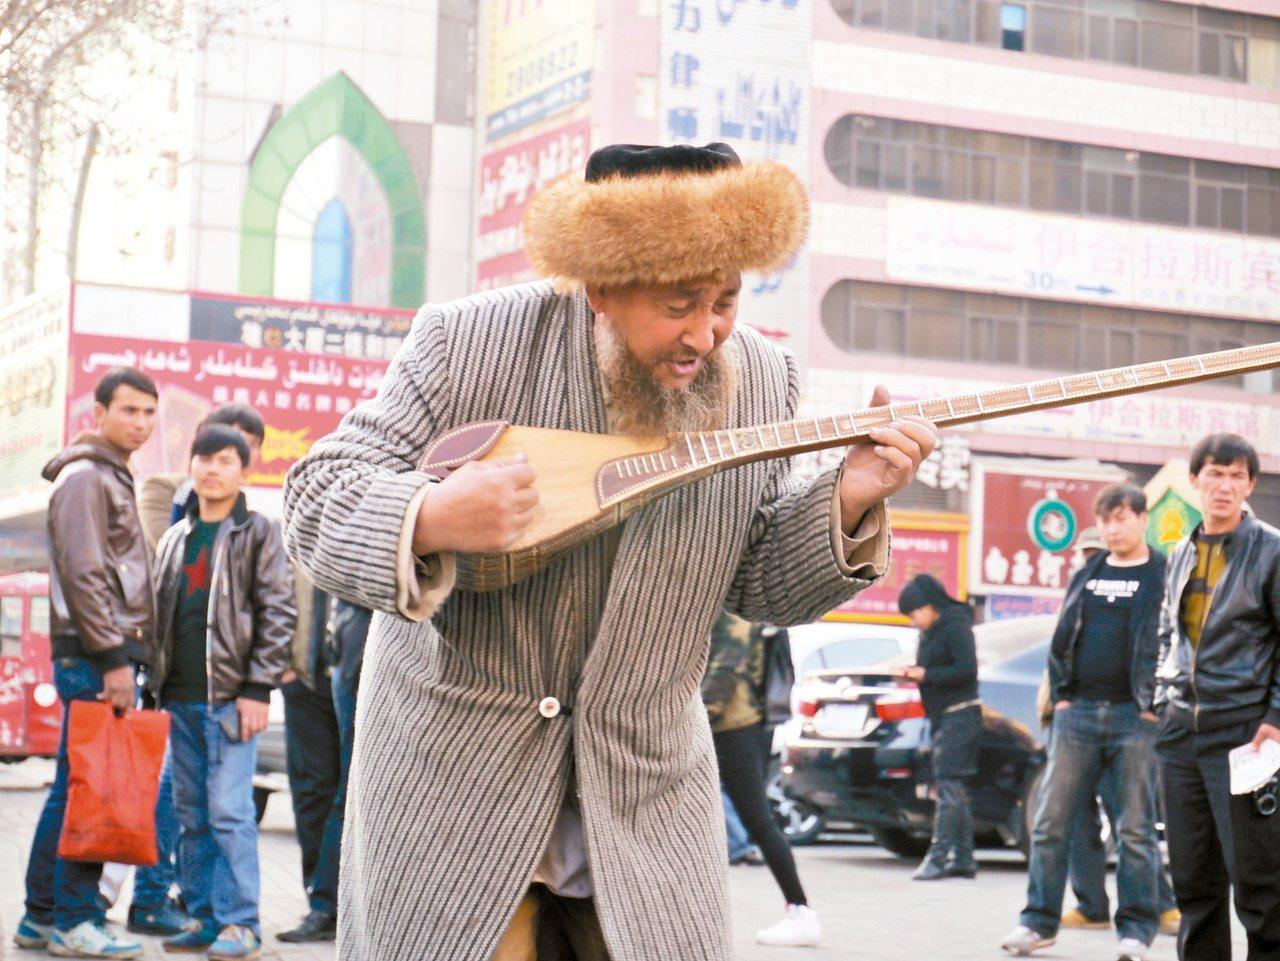 烏魯木齊的街頭藝人。 記者羅建怡/攝影